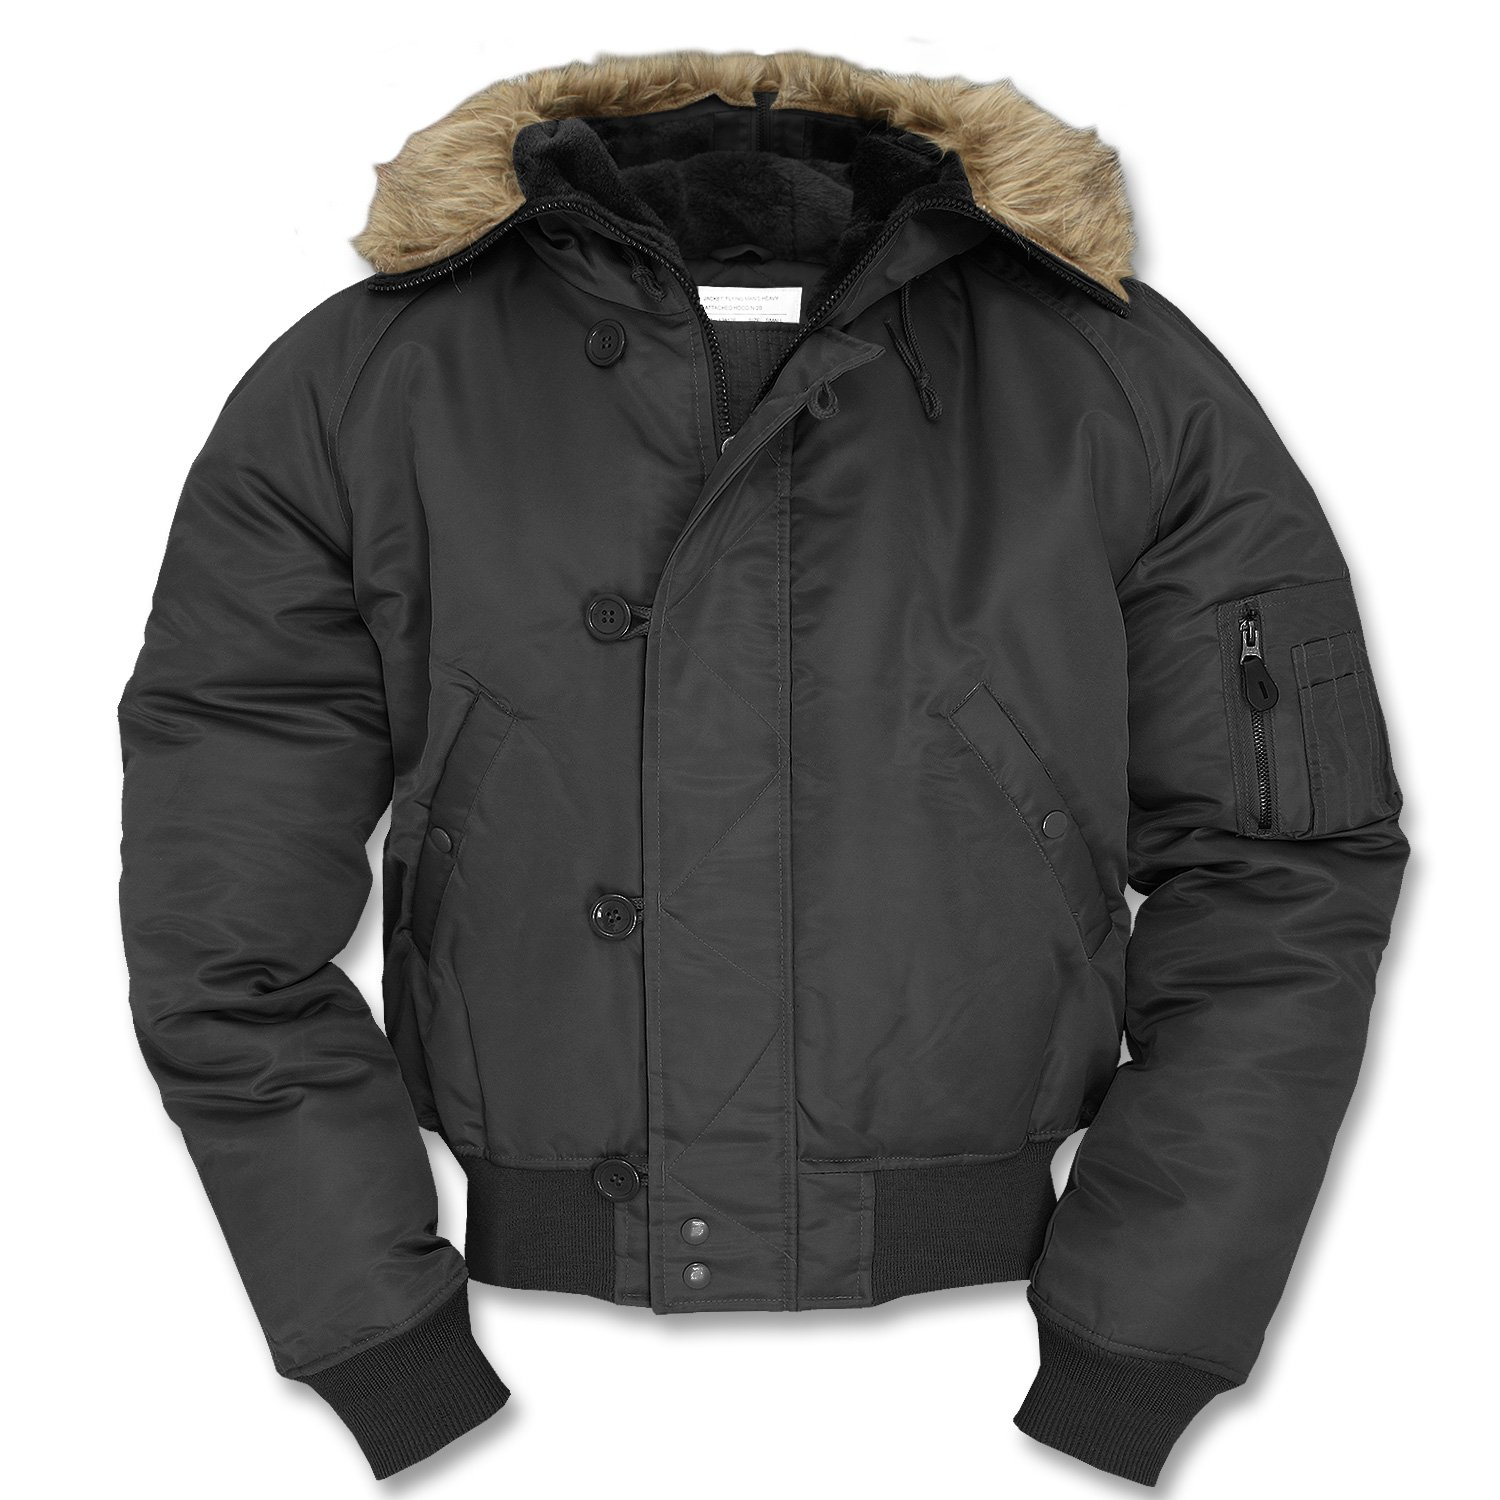 Mil-Tec US N2B Flight Jacket Black by Camo Outdoor: Amazon.es: Deportes y aire libre